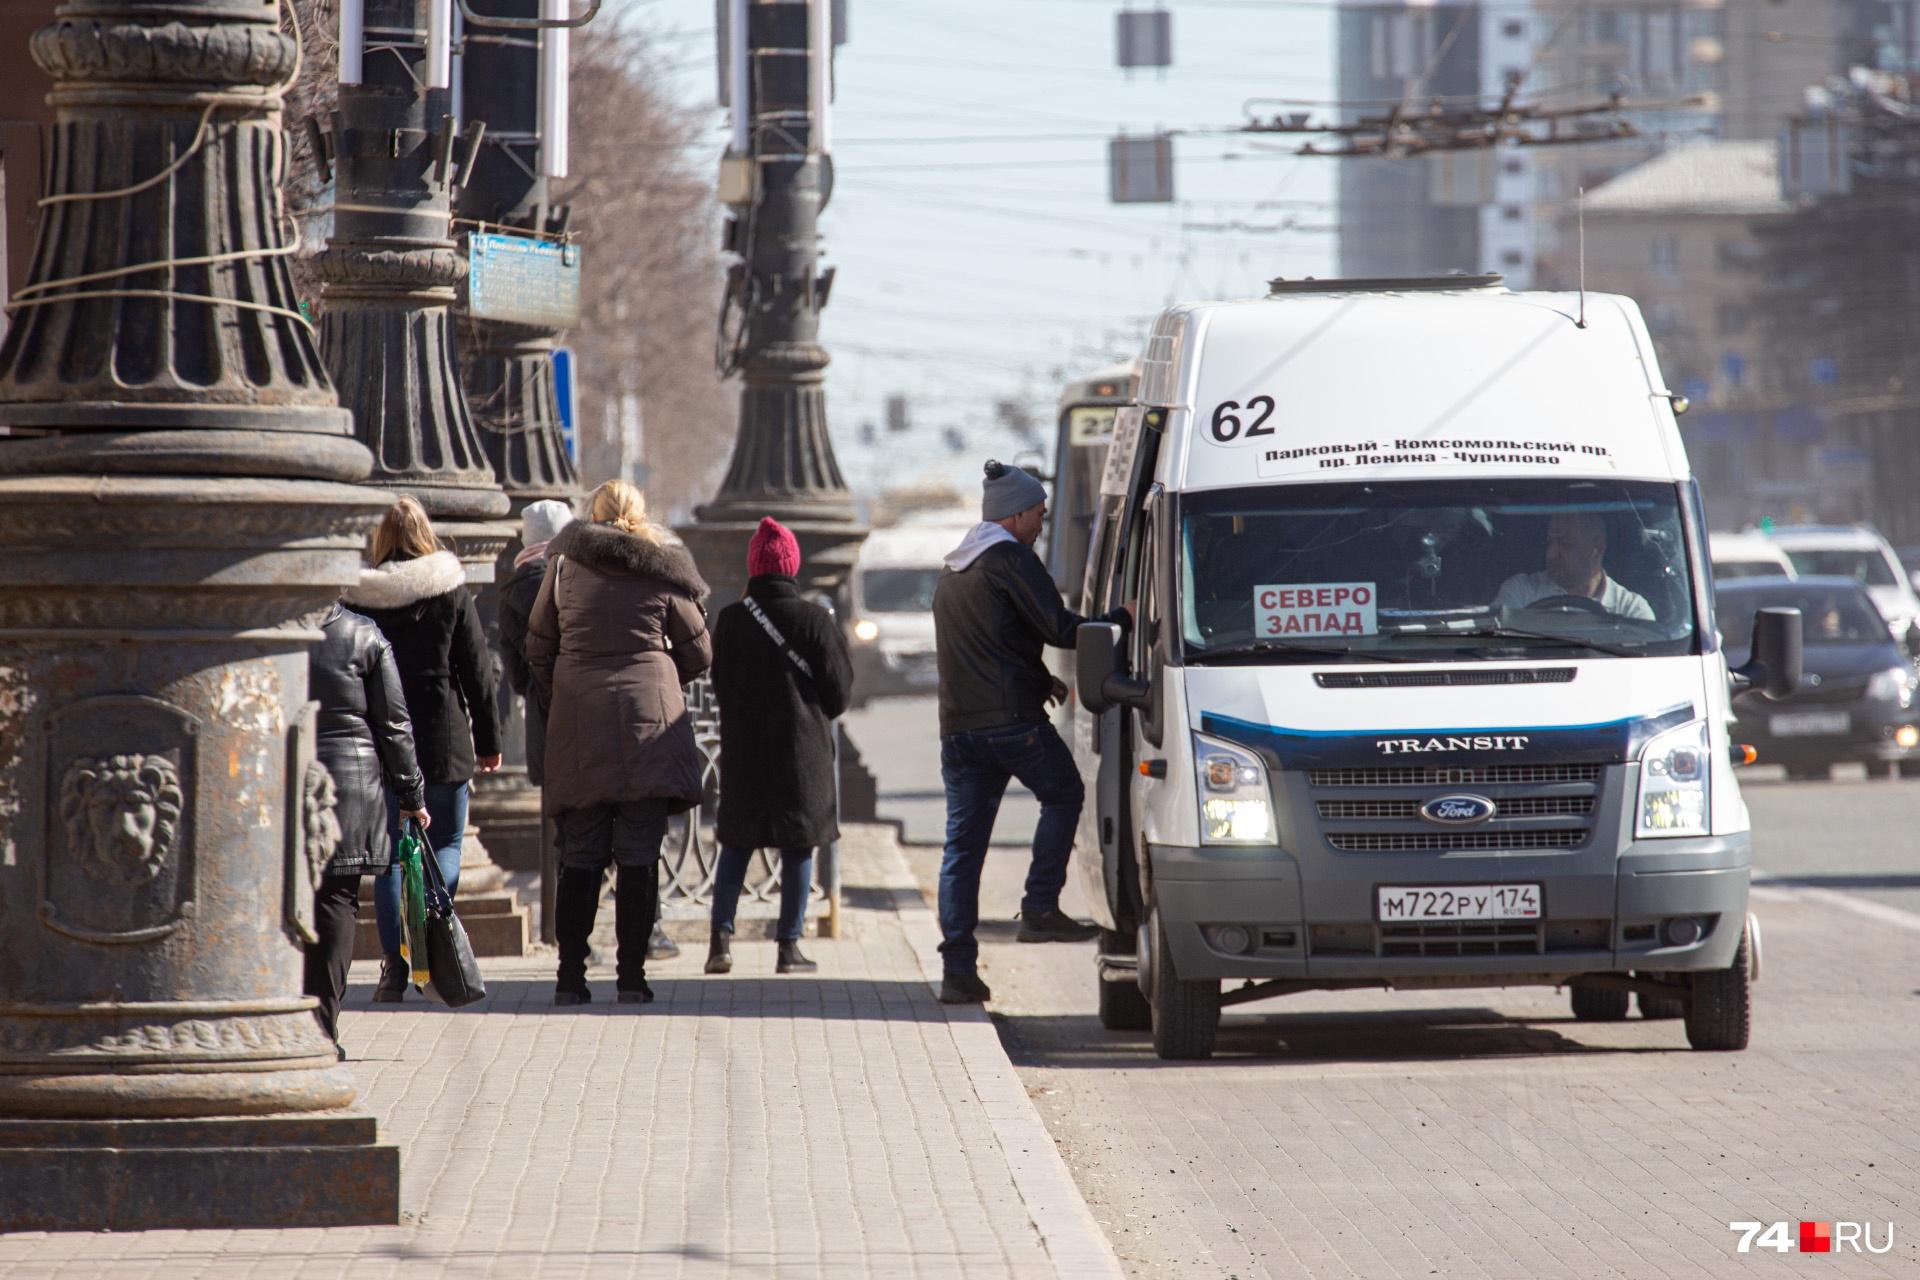 Общественный транспорт потерял большое число пассажиров из-за режима самоизоляции<br>